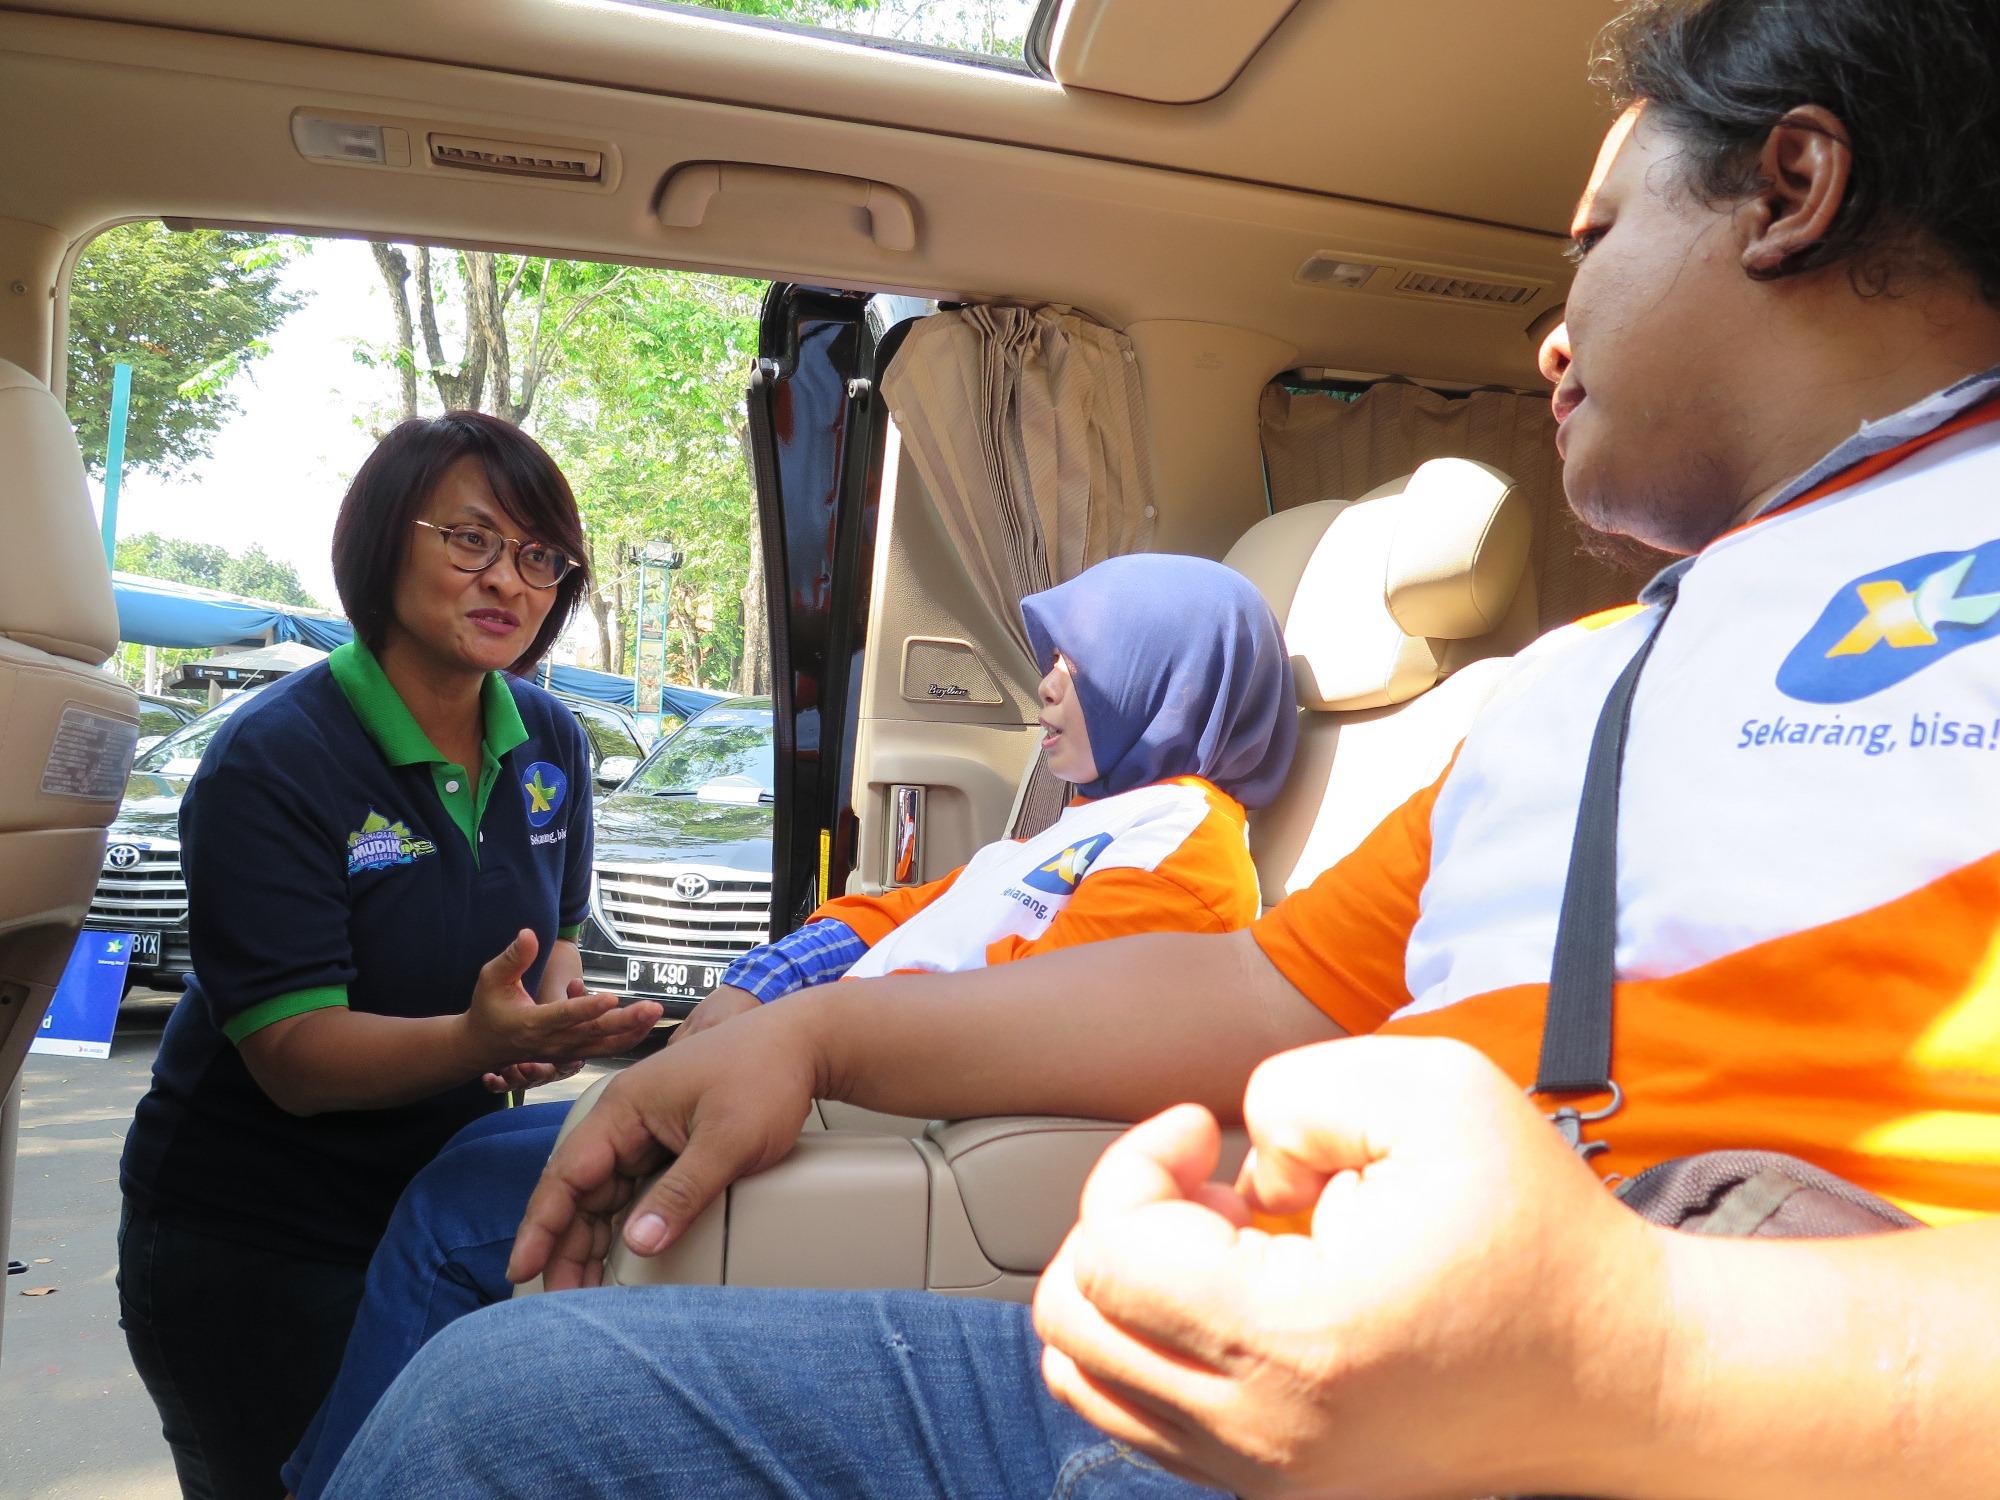 Photo of XL Berangkatkan 1000 Penjual Pulsa Pulang Kampung Gratis